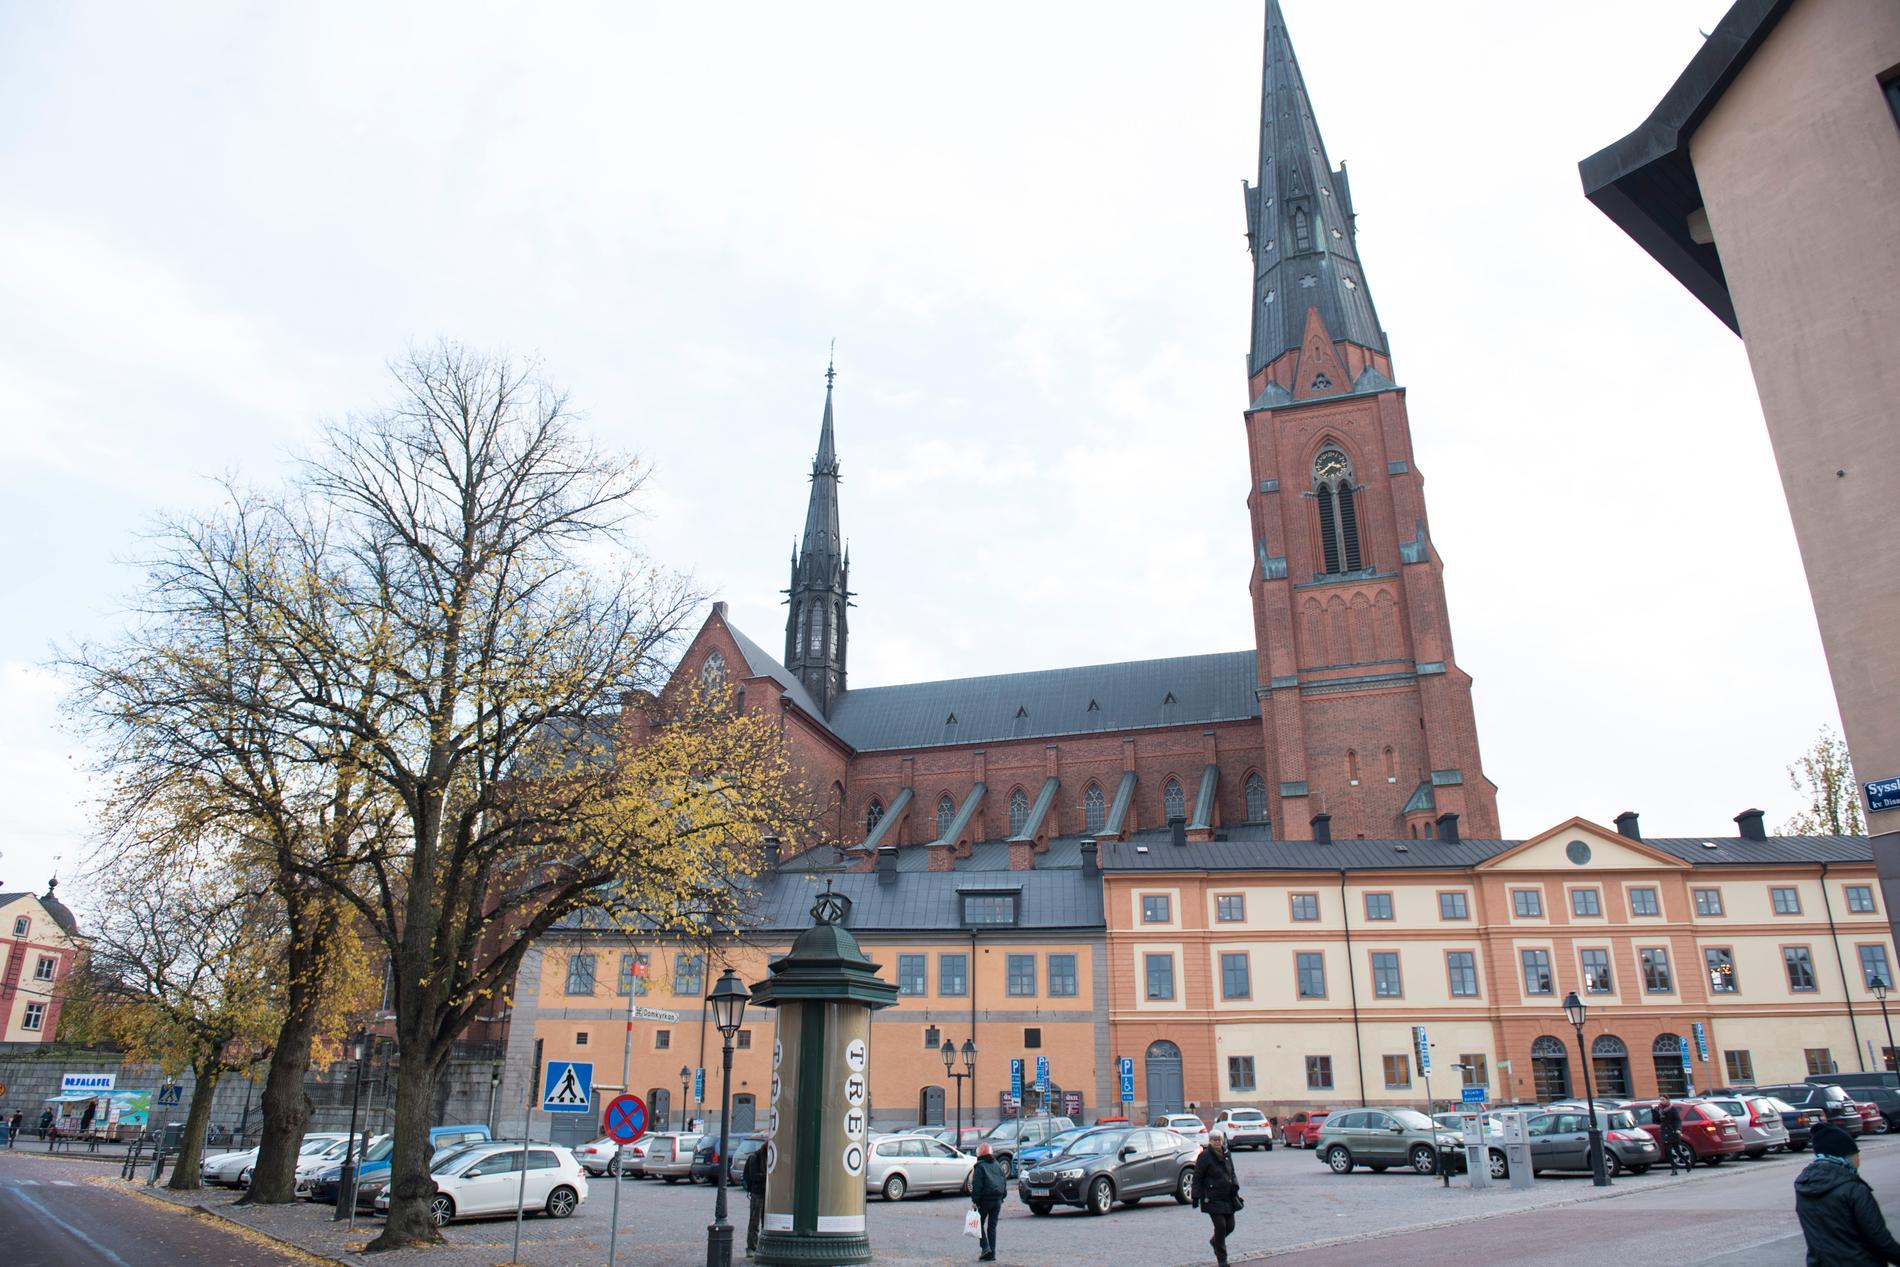 """""""Det finns samtidigt generellt inom kyrkan men i Frimodig kyrka i synnerhet ofta en gedigen och personlig erfarenhet av andra länder, vilket gör kyrkosynen helt väsensfrämmande för en nationalistisk idé om Svenska kyrkan"""" skriver Sofia Lilly Jönsson."""